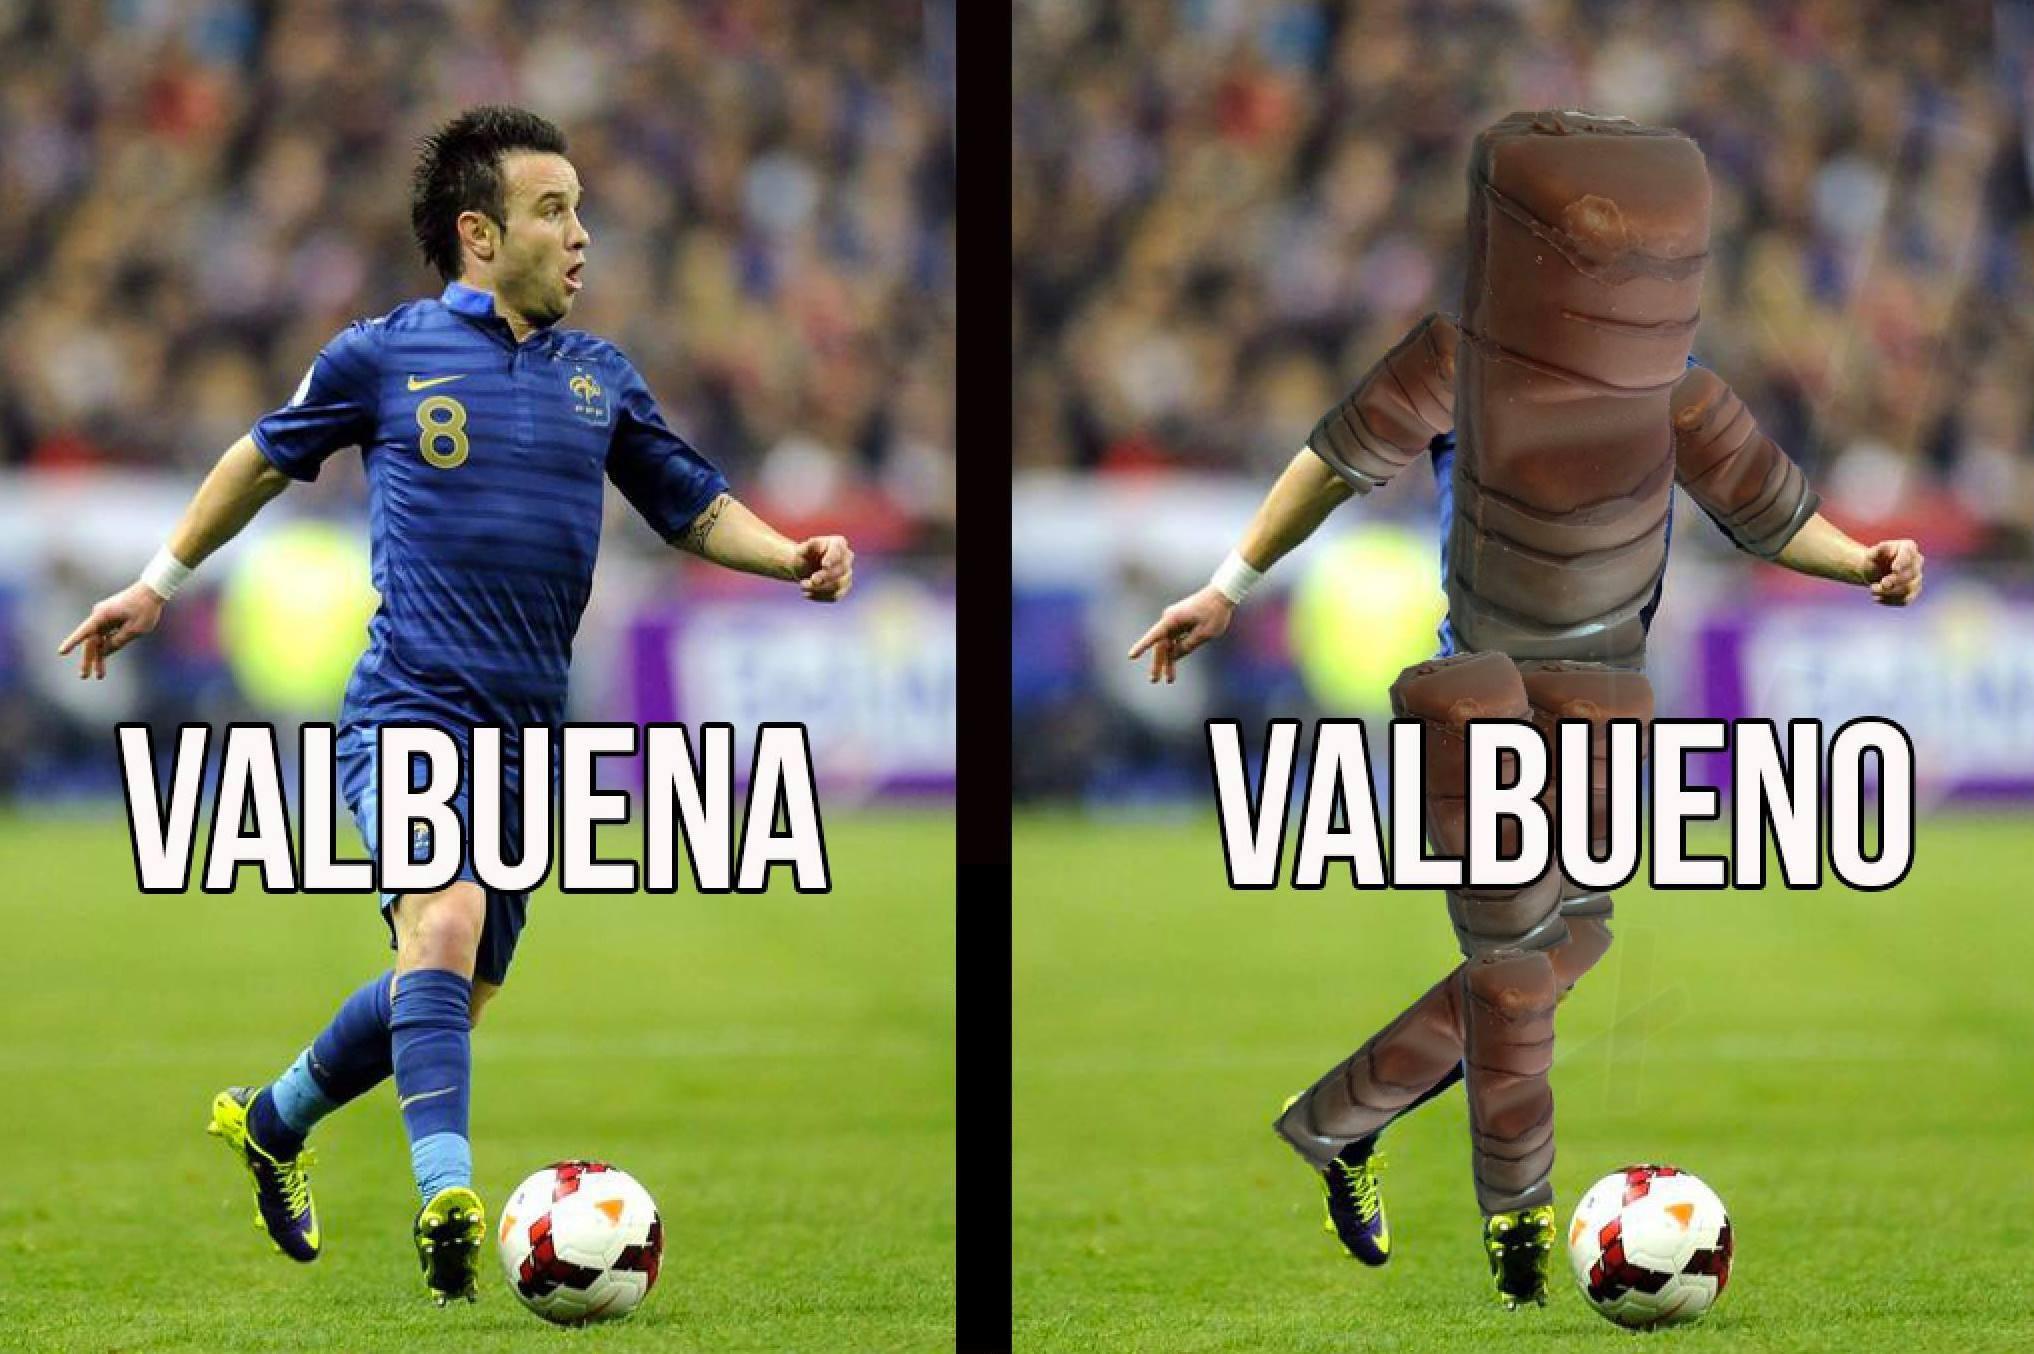 Valbueno